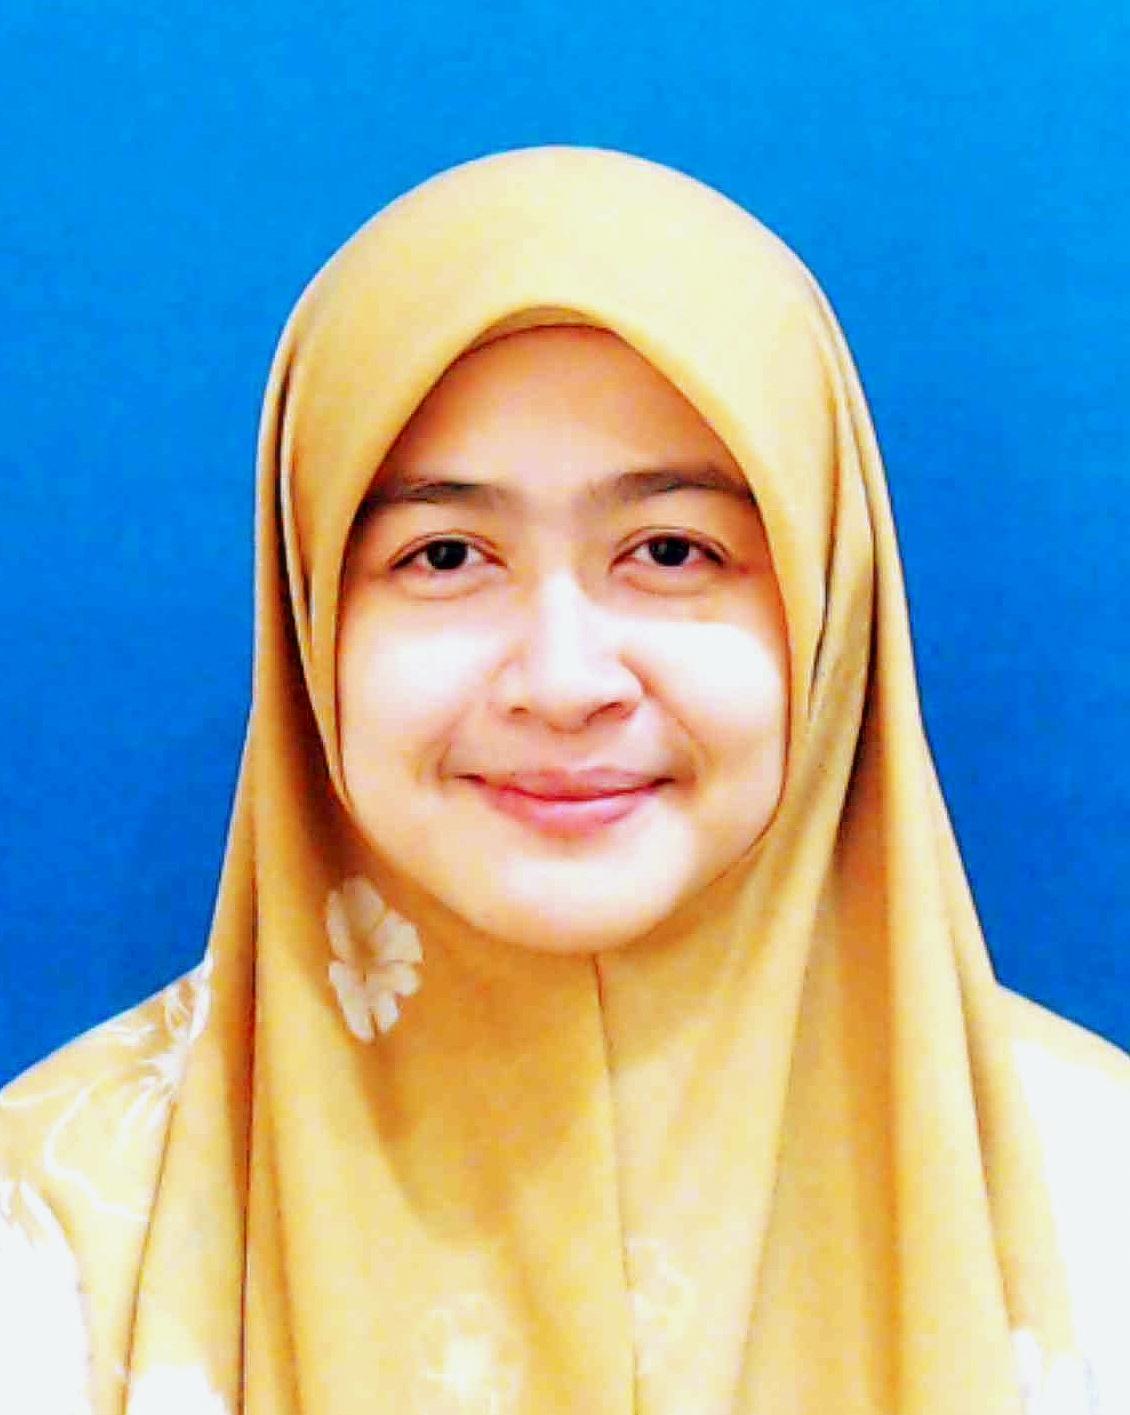 Siti Khadijah Binti Mohd Bustaman